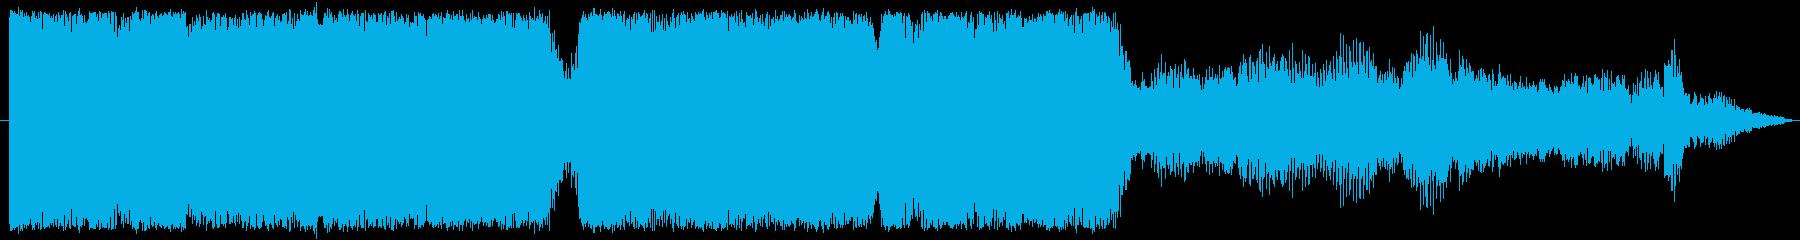 電気アークフラックス、プラズマエネ...の再生済みの波形